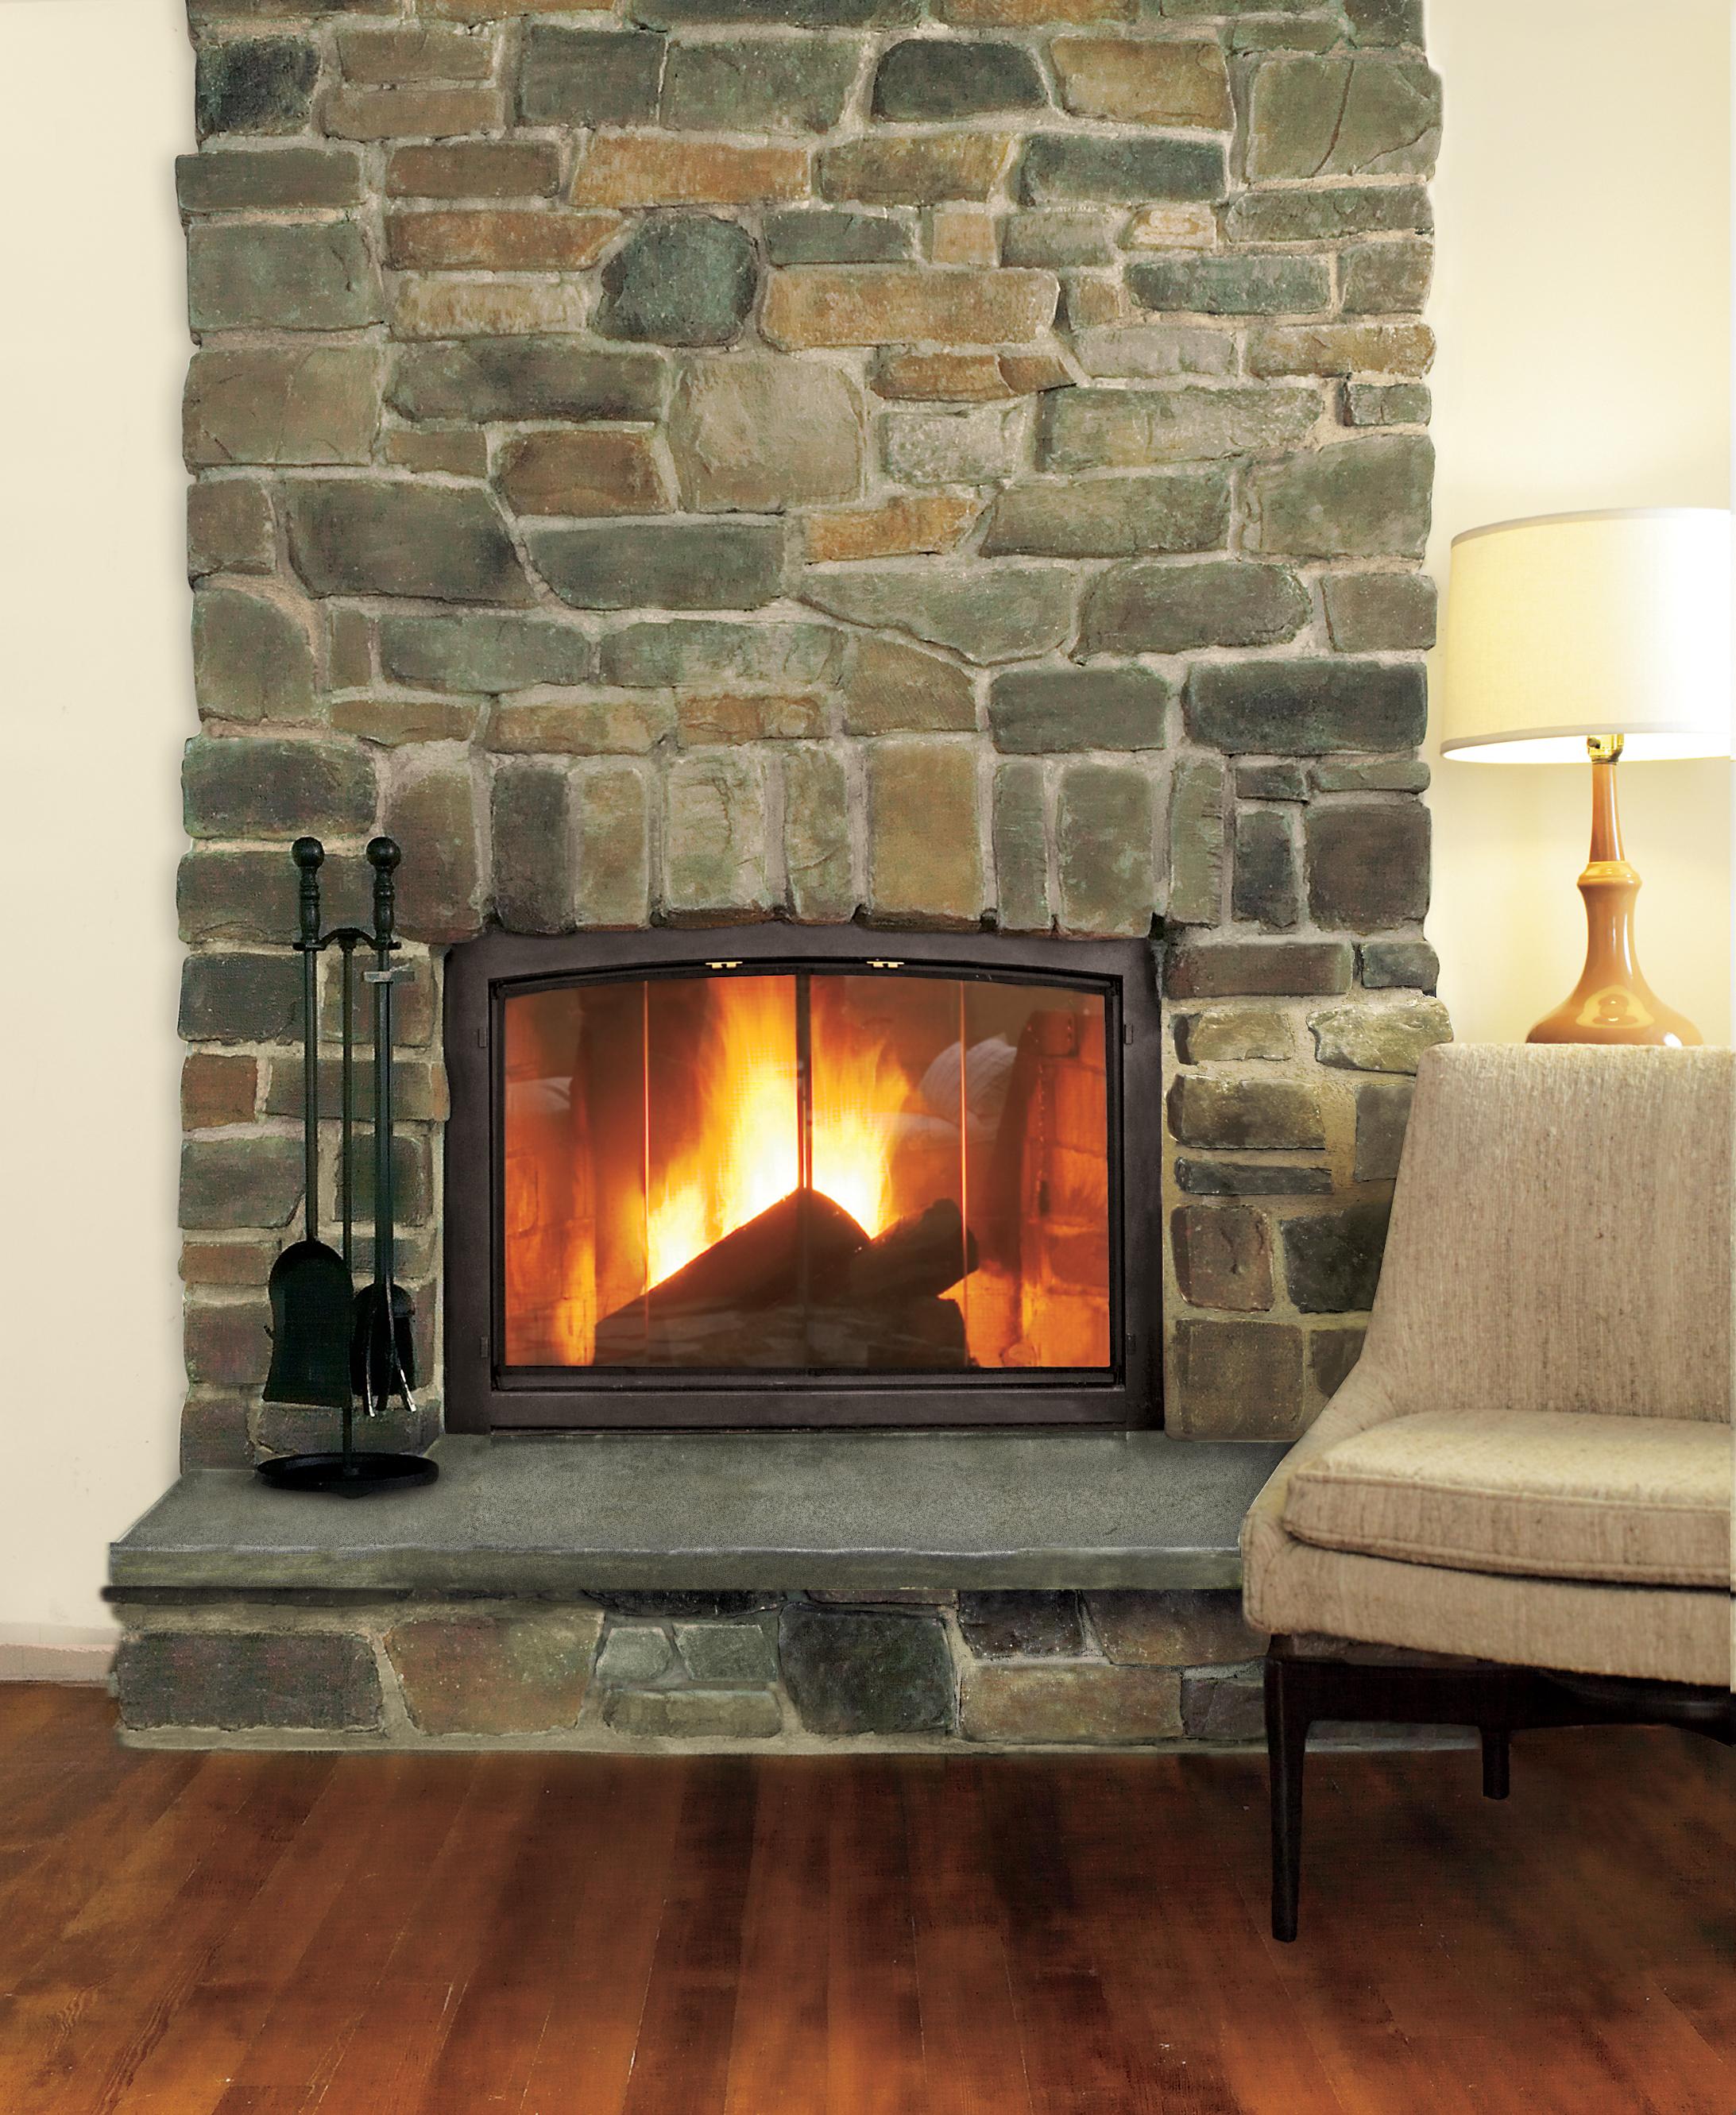 Stone fireplace surround.